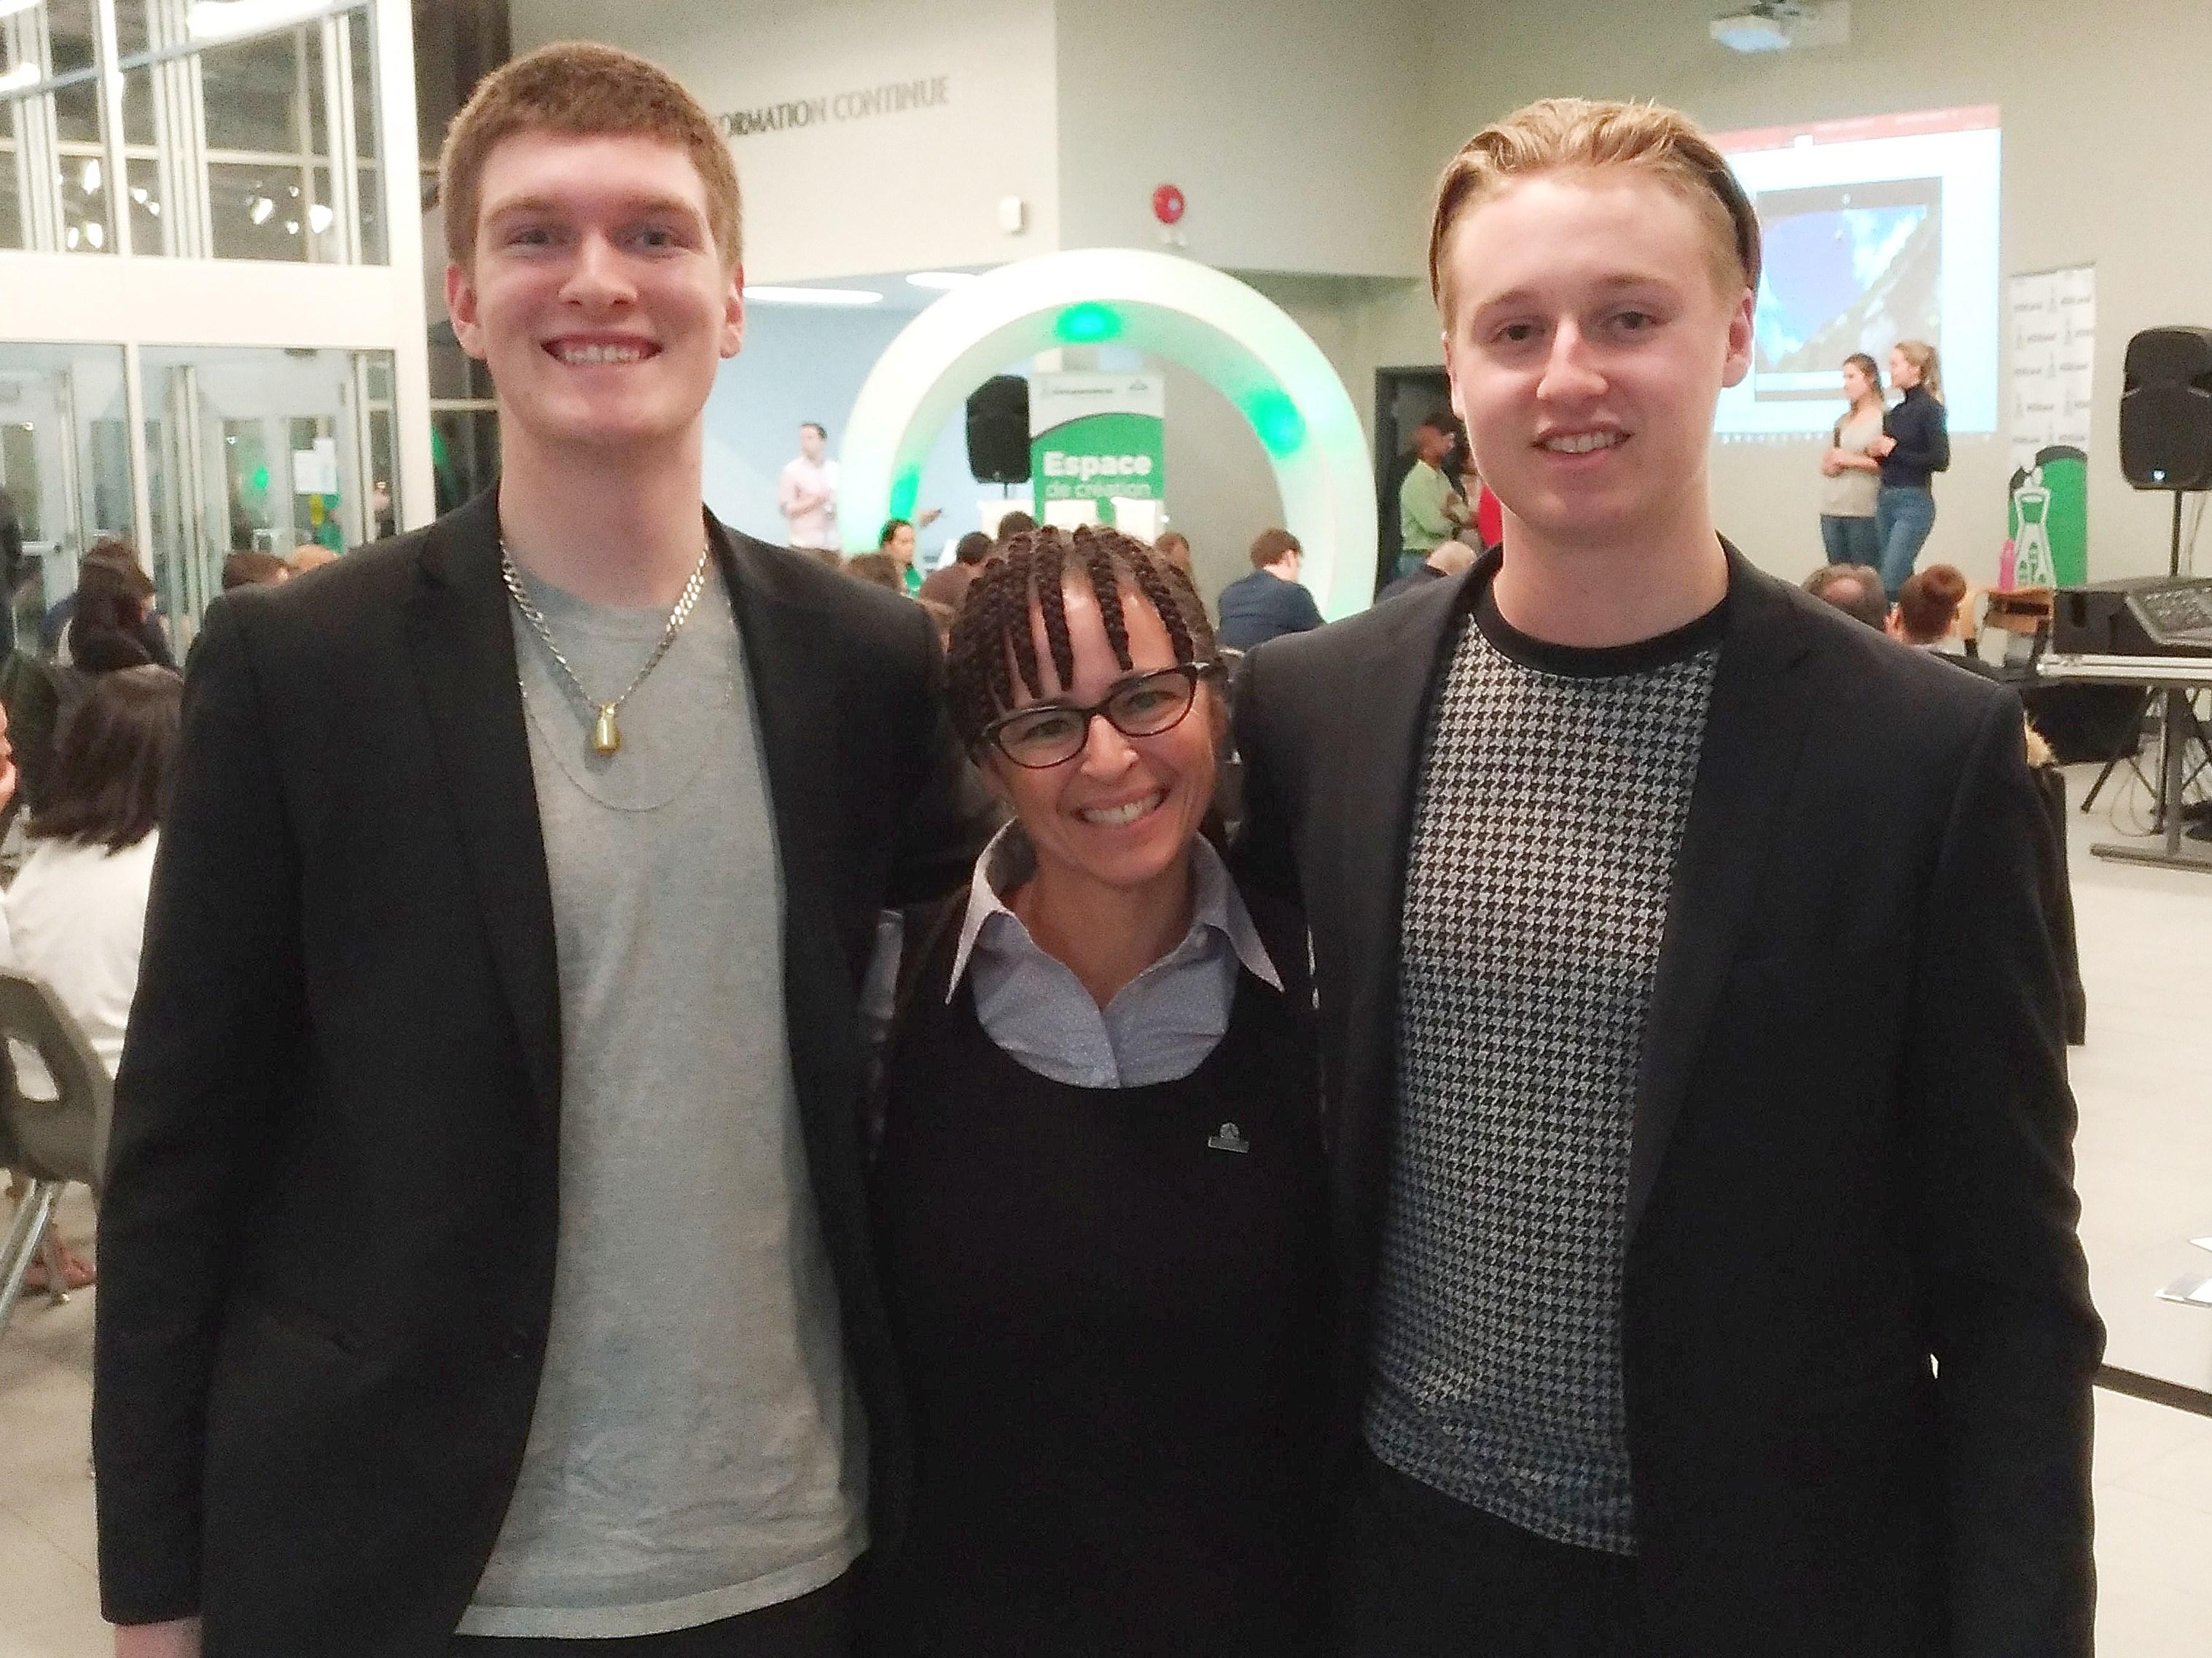 Une équipe formée de Cédric Charbonneau, Jenny Béland et Georges Khoury du Collège Montmorency ainsi que de Léo Asselin-Spark du Collège Lionel-Groulx a vu son projet de studio d'enregistrement se qualifier lors du premier Startup Weekend Laval en janvier 2018.